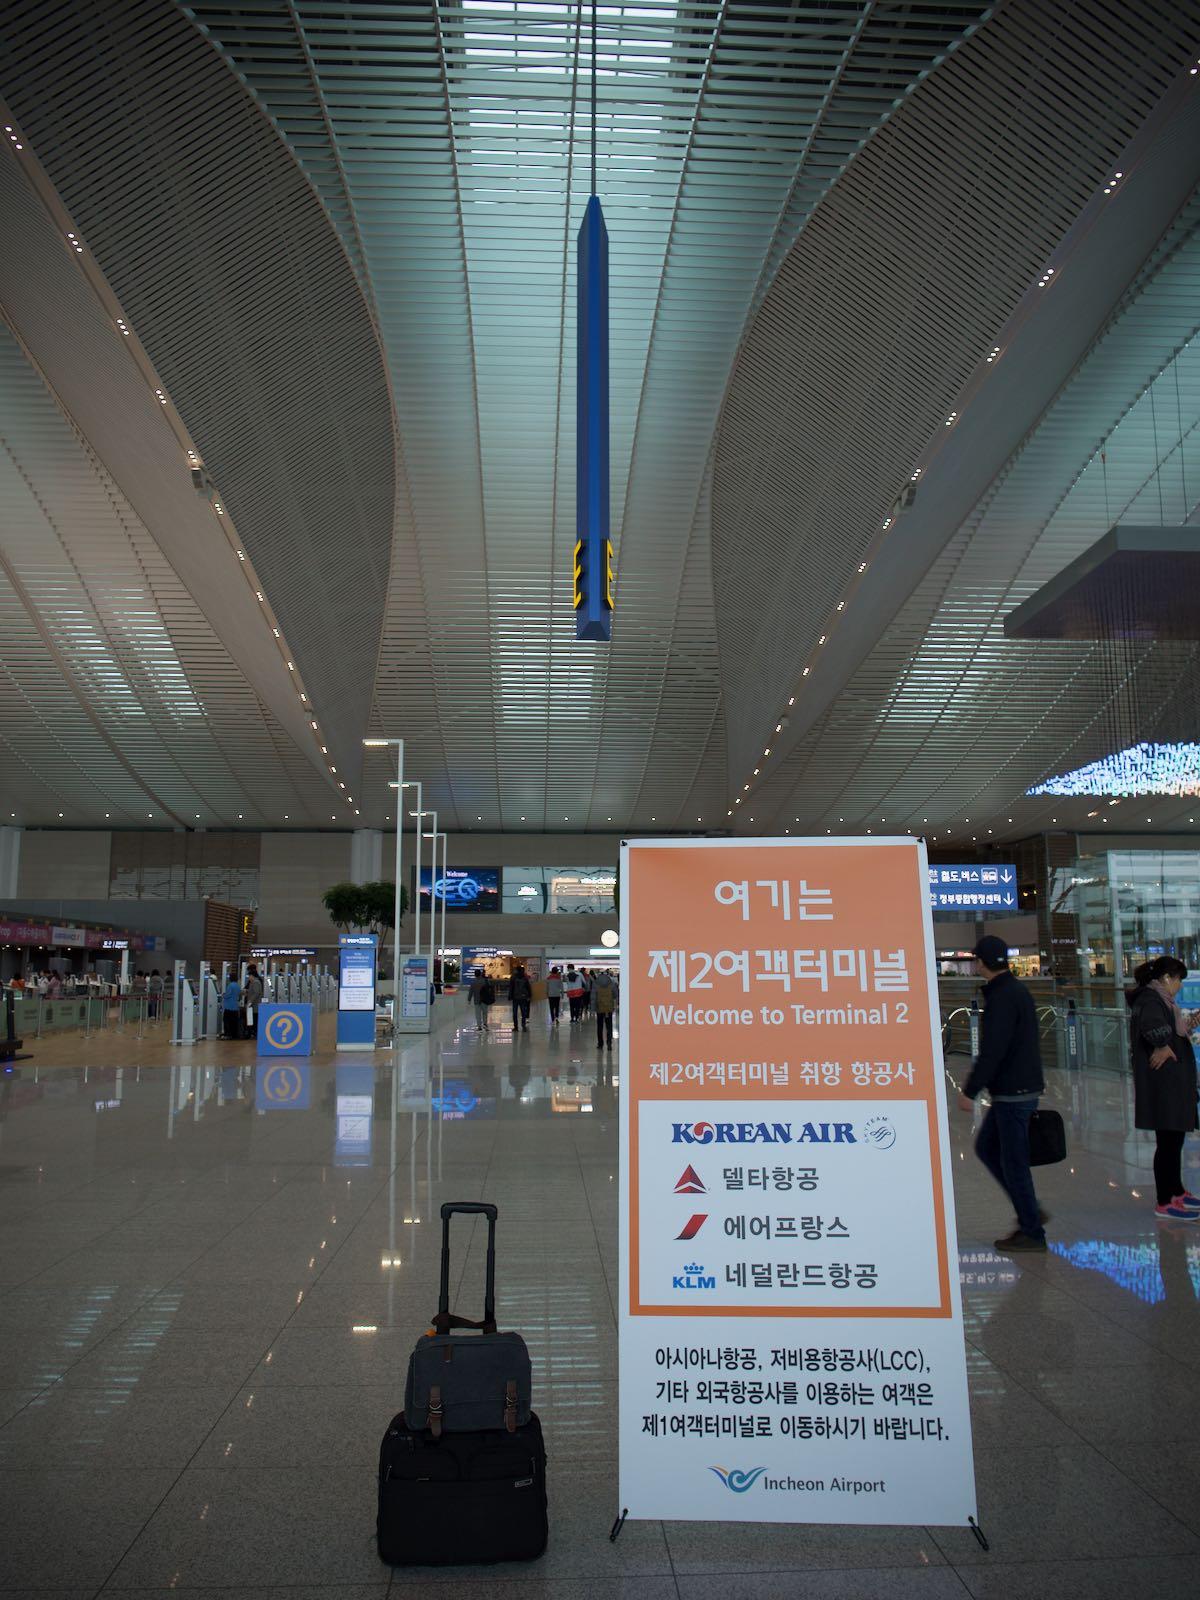 仁川空港に到着 謎文字がお出迎え DMC-GX8 + LEICA DG 12-60mm